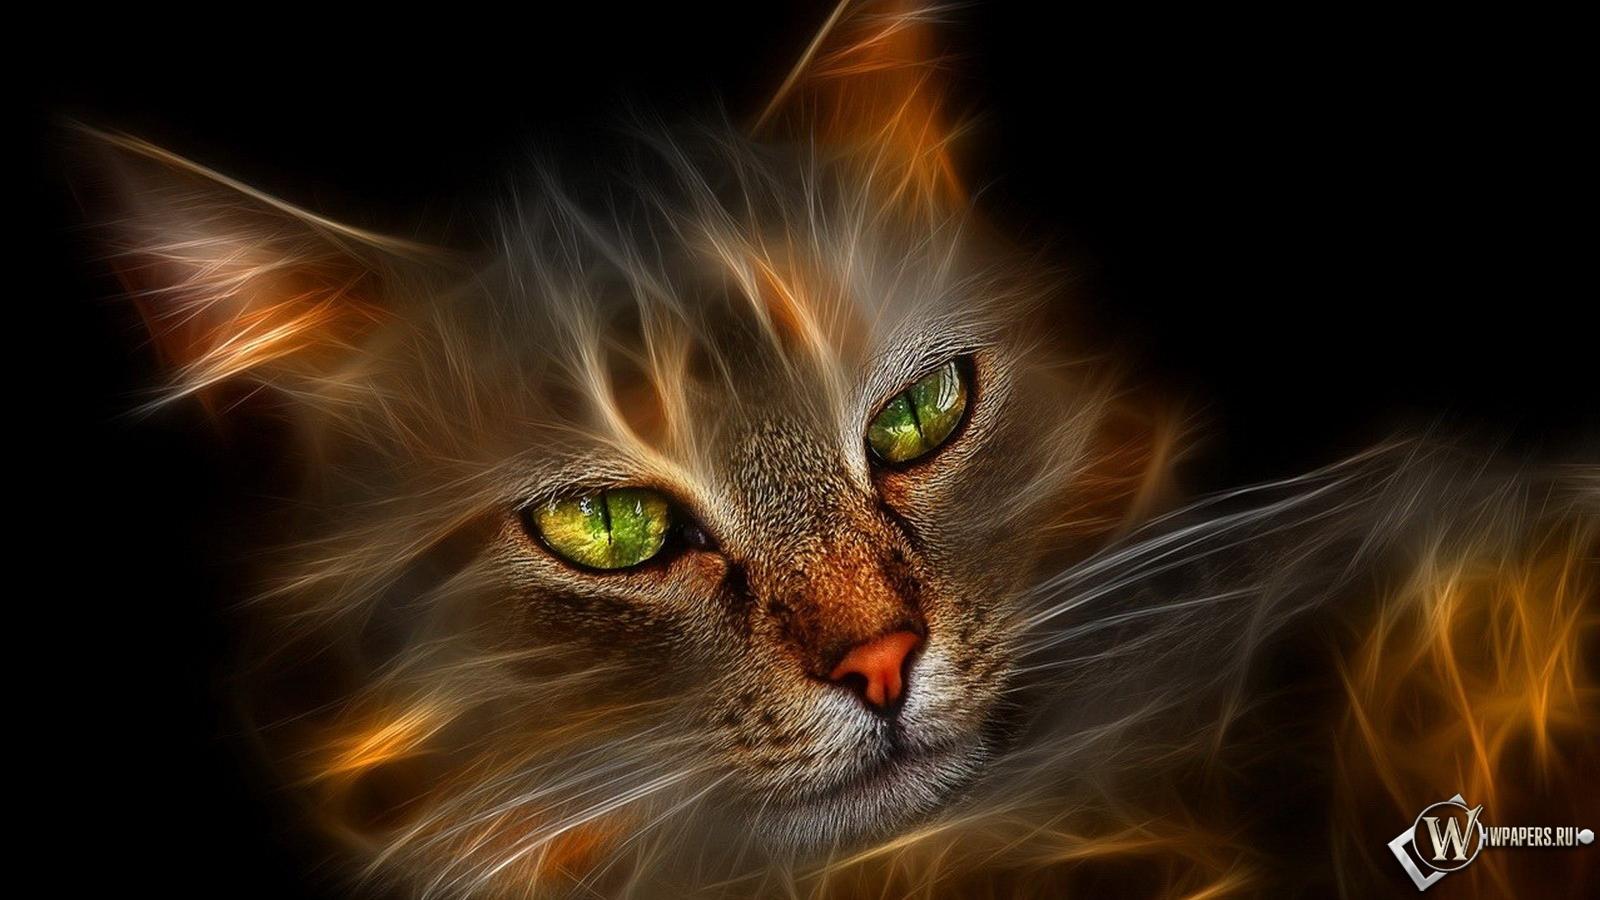 Обои огненный кот на рабочий стол с